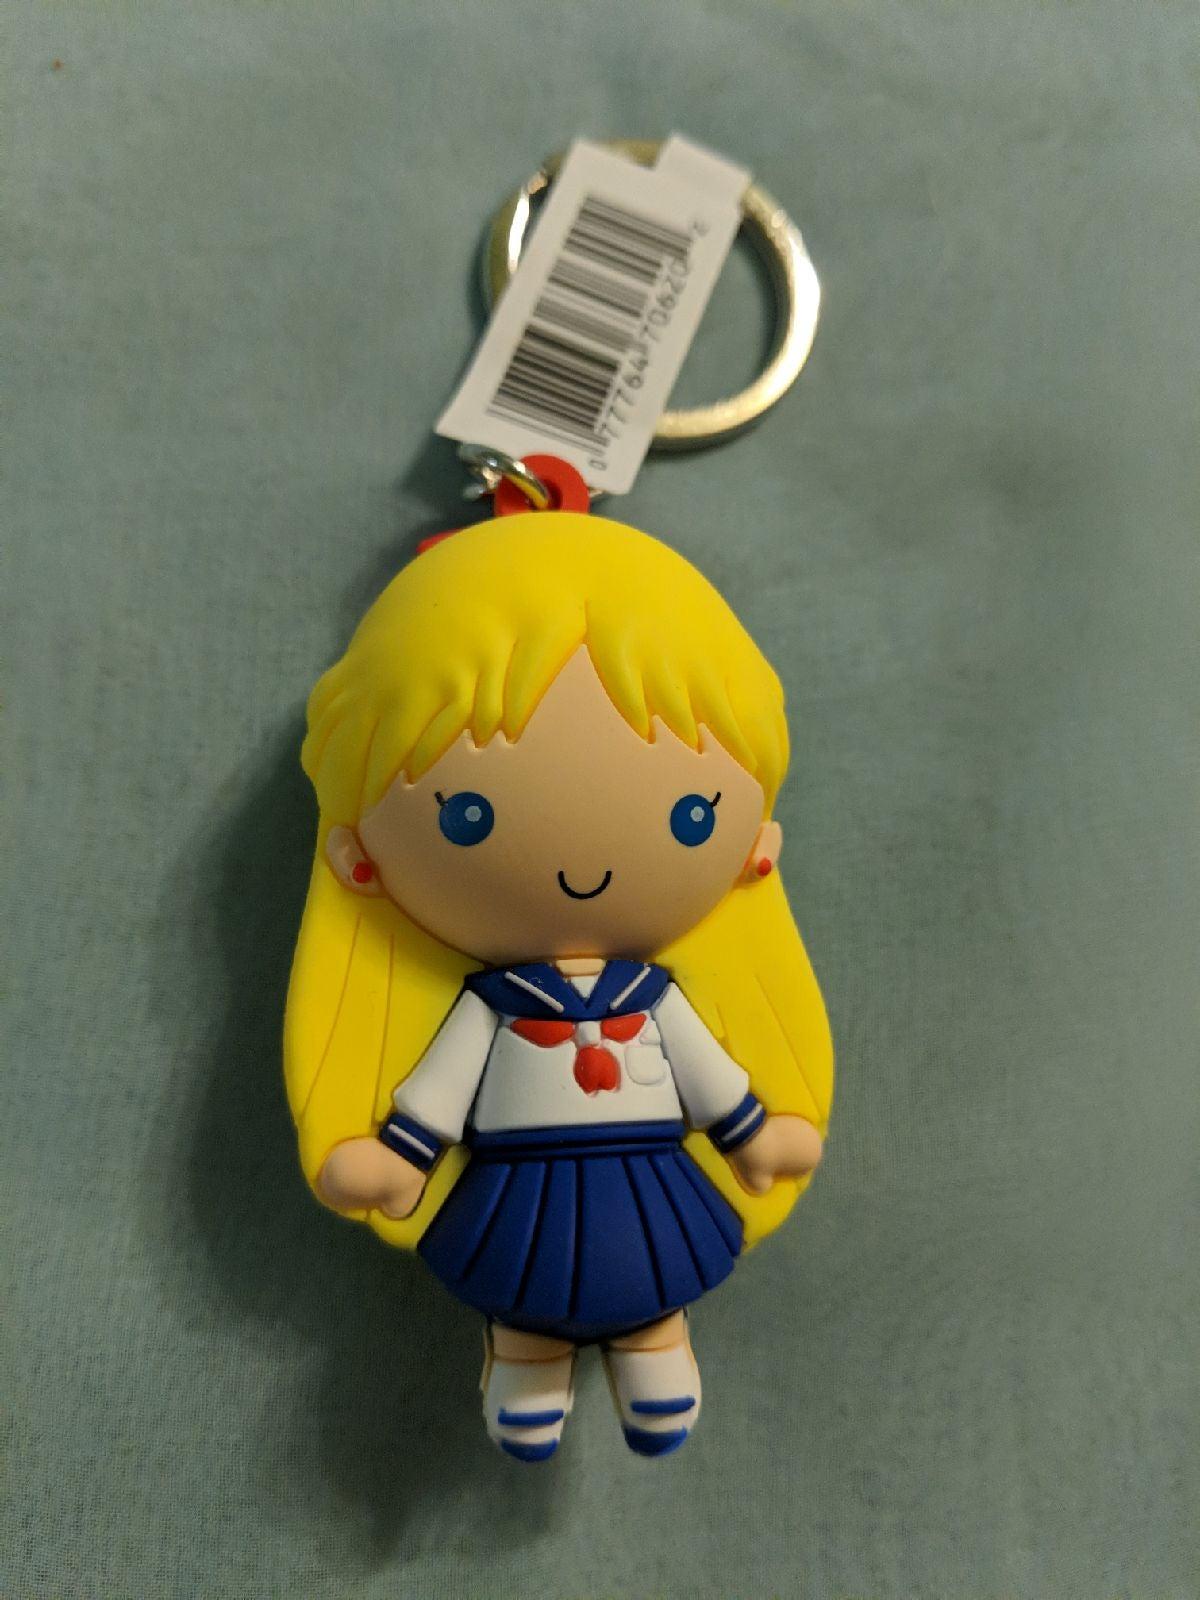 Minako Aino (Venus) 3D figural keychain